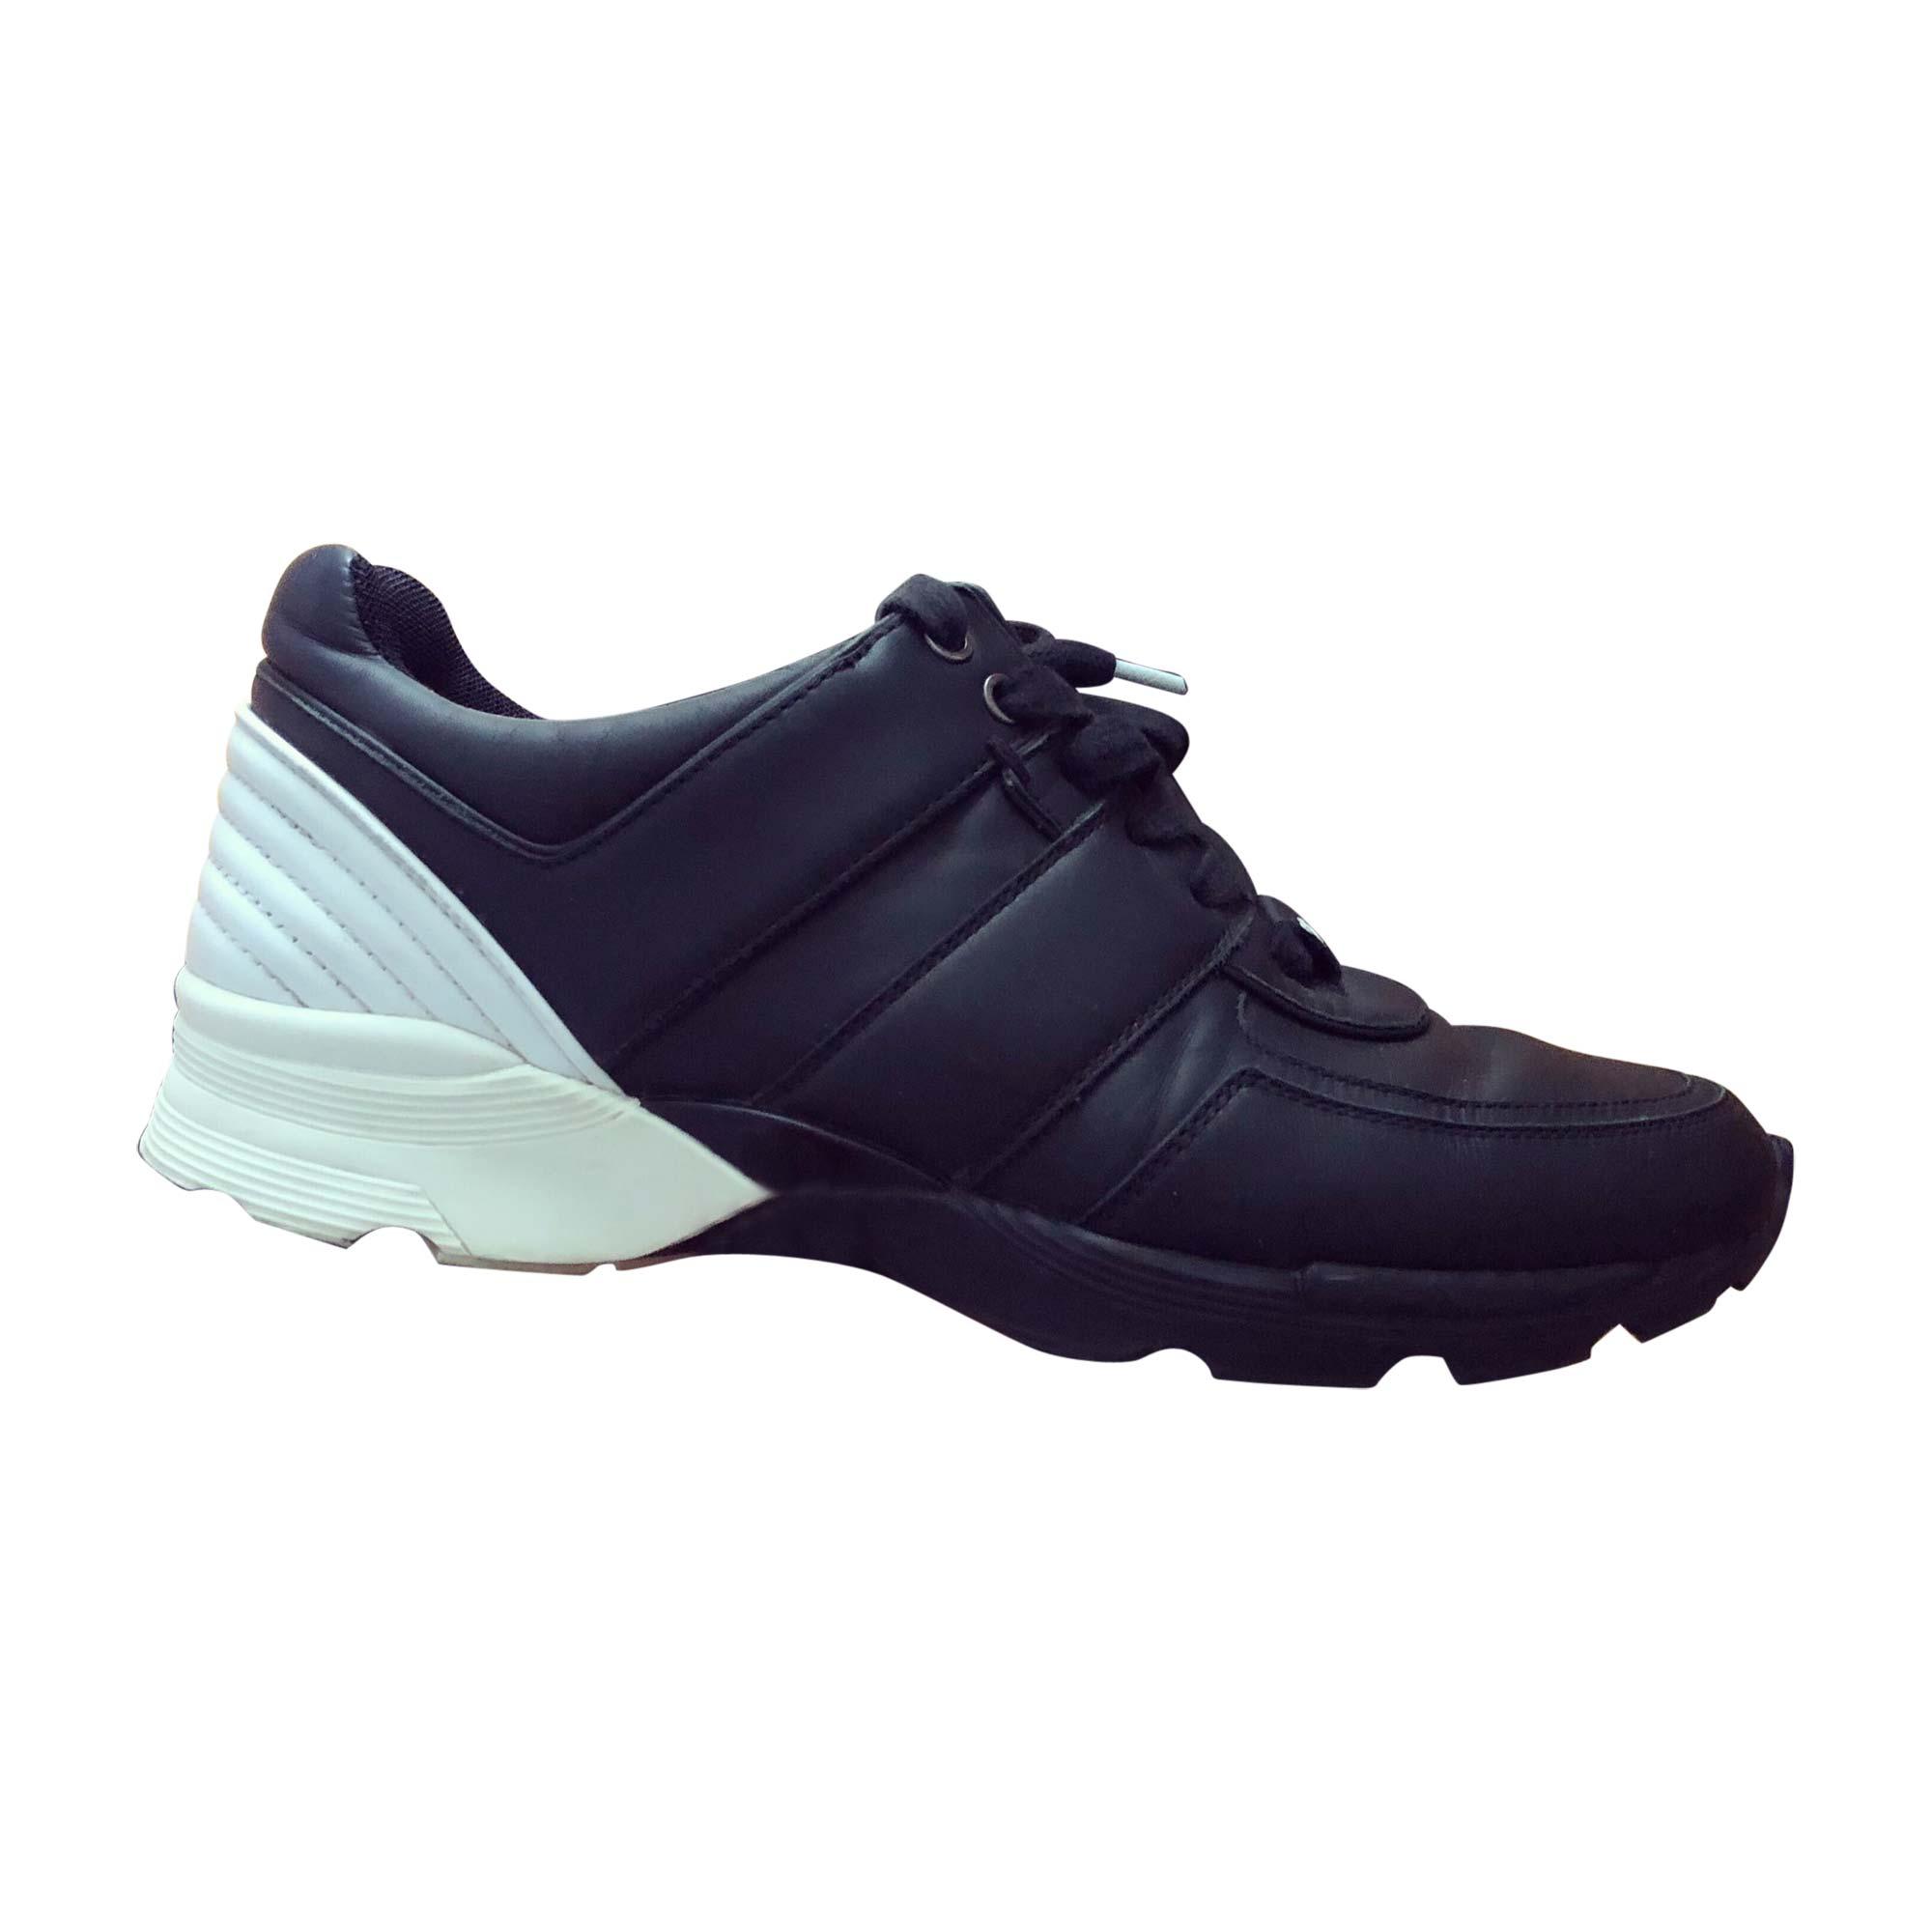 Baskets CHANEL 40,5 noir - 7766163 42ea5ab5127